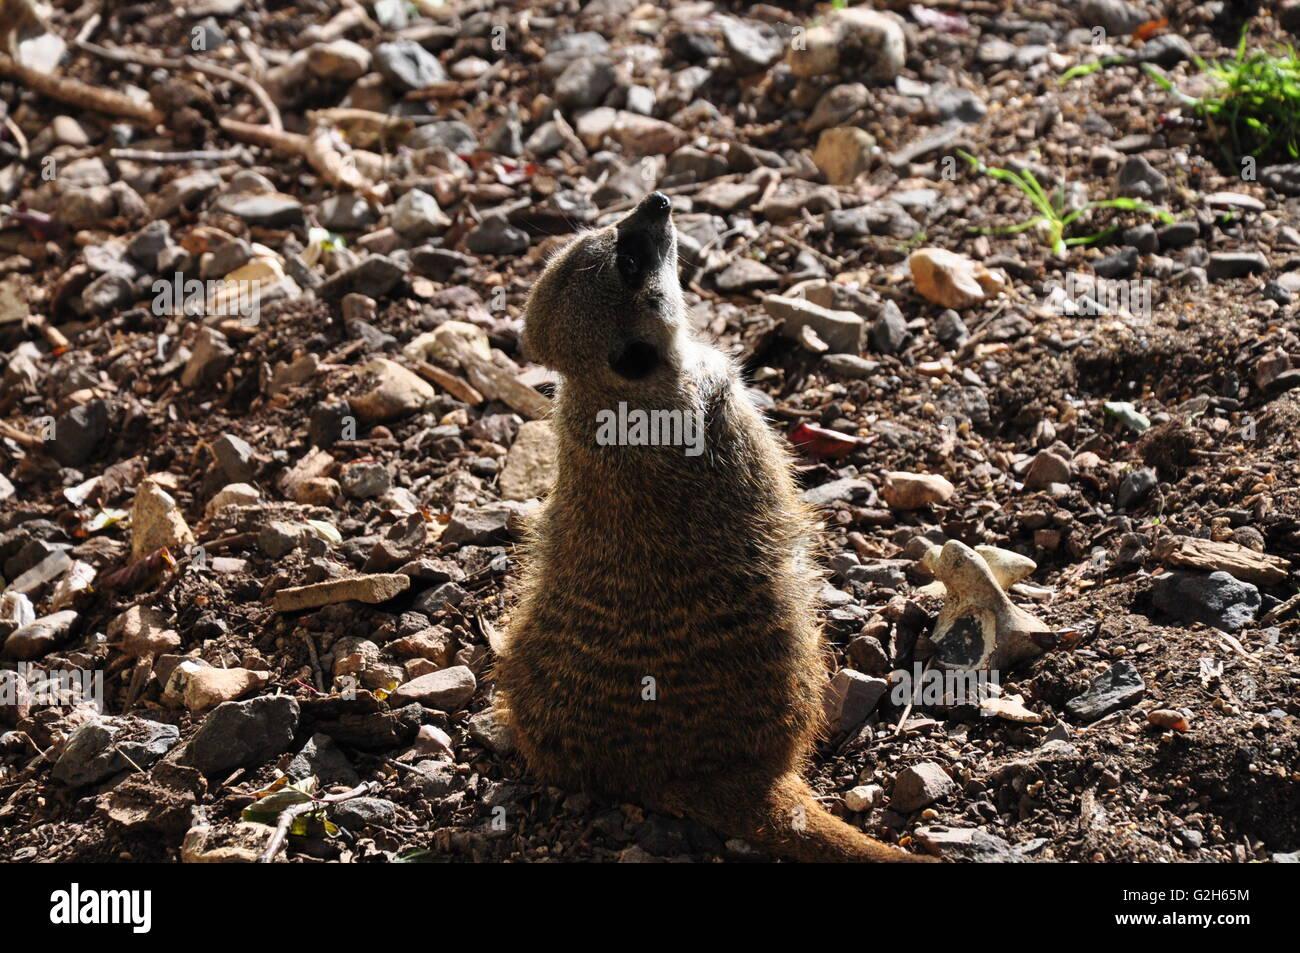 Meerkat in the sun. - Stock Image